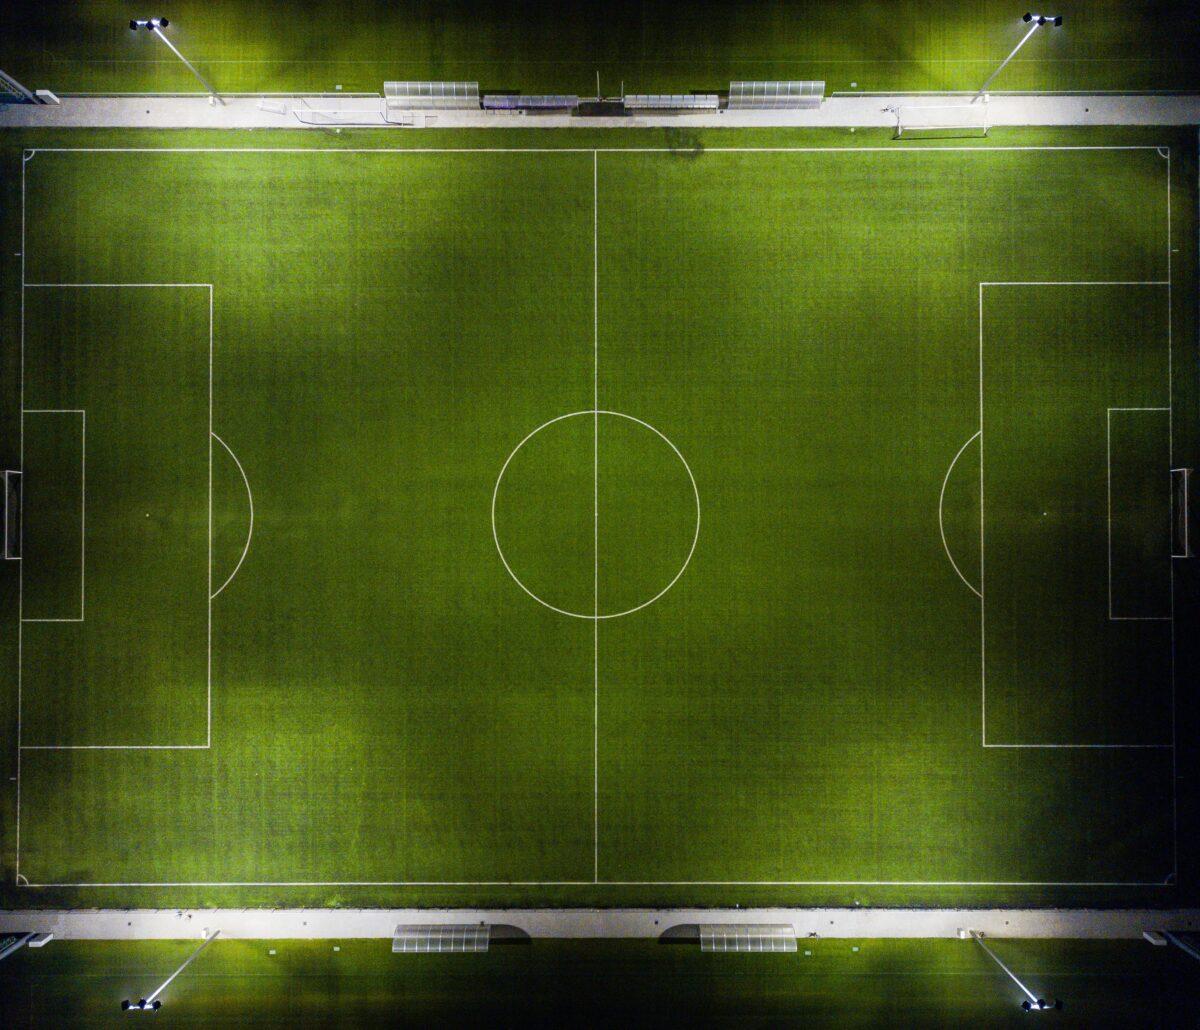 Voetbalveld van bovenaf